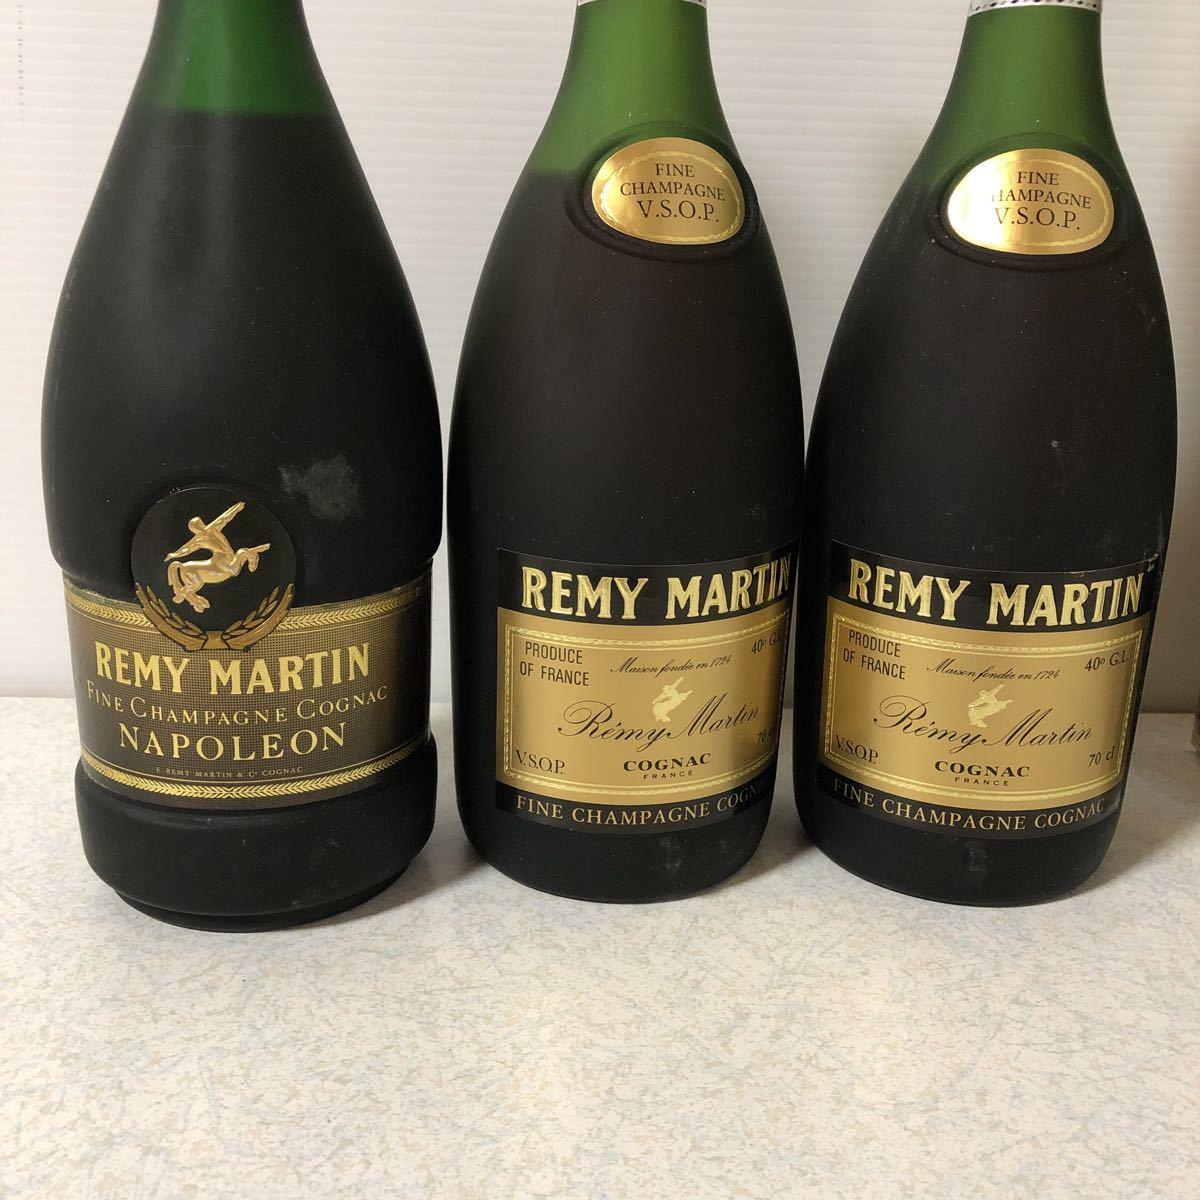 【古酒】REMY MARTIN レミーマルタン ナポレオン 未開栓 計3本セット_画像3